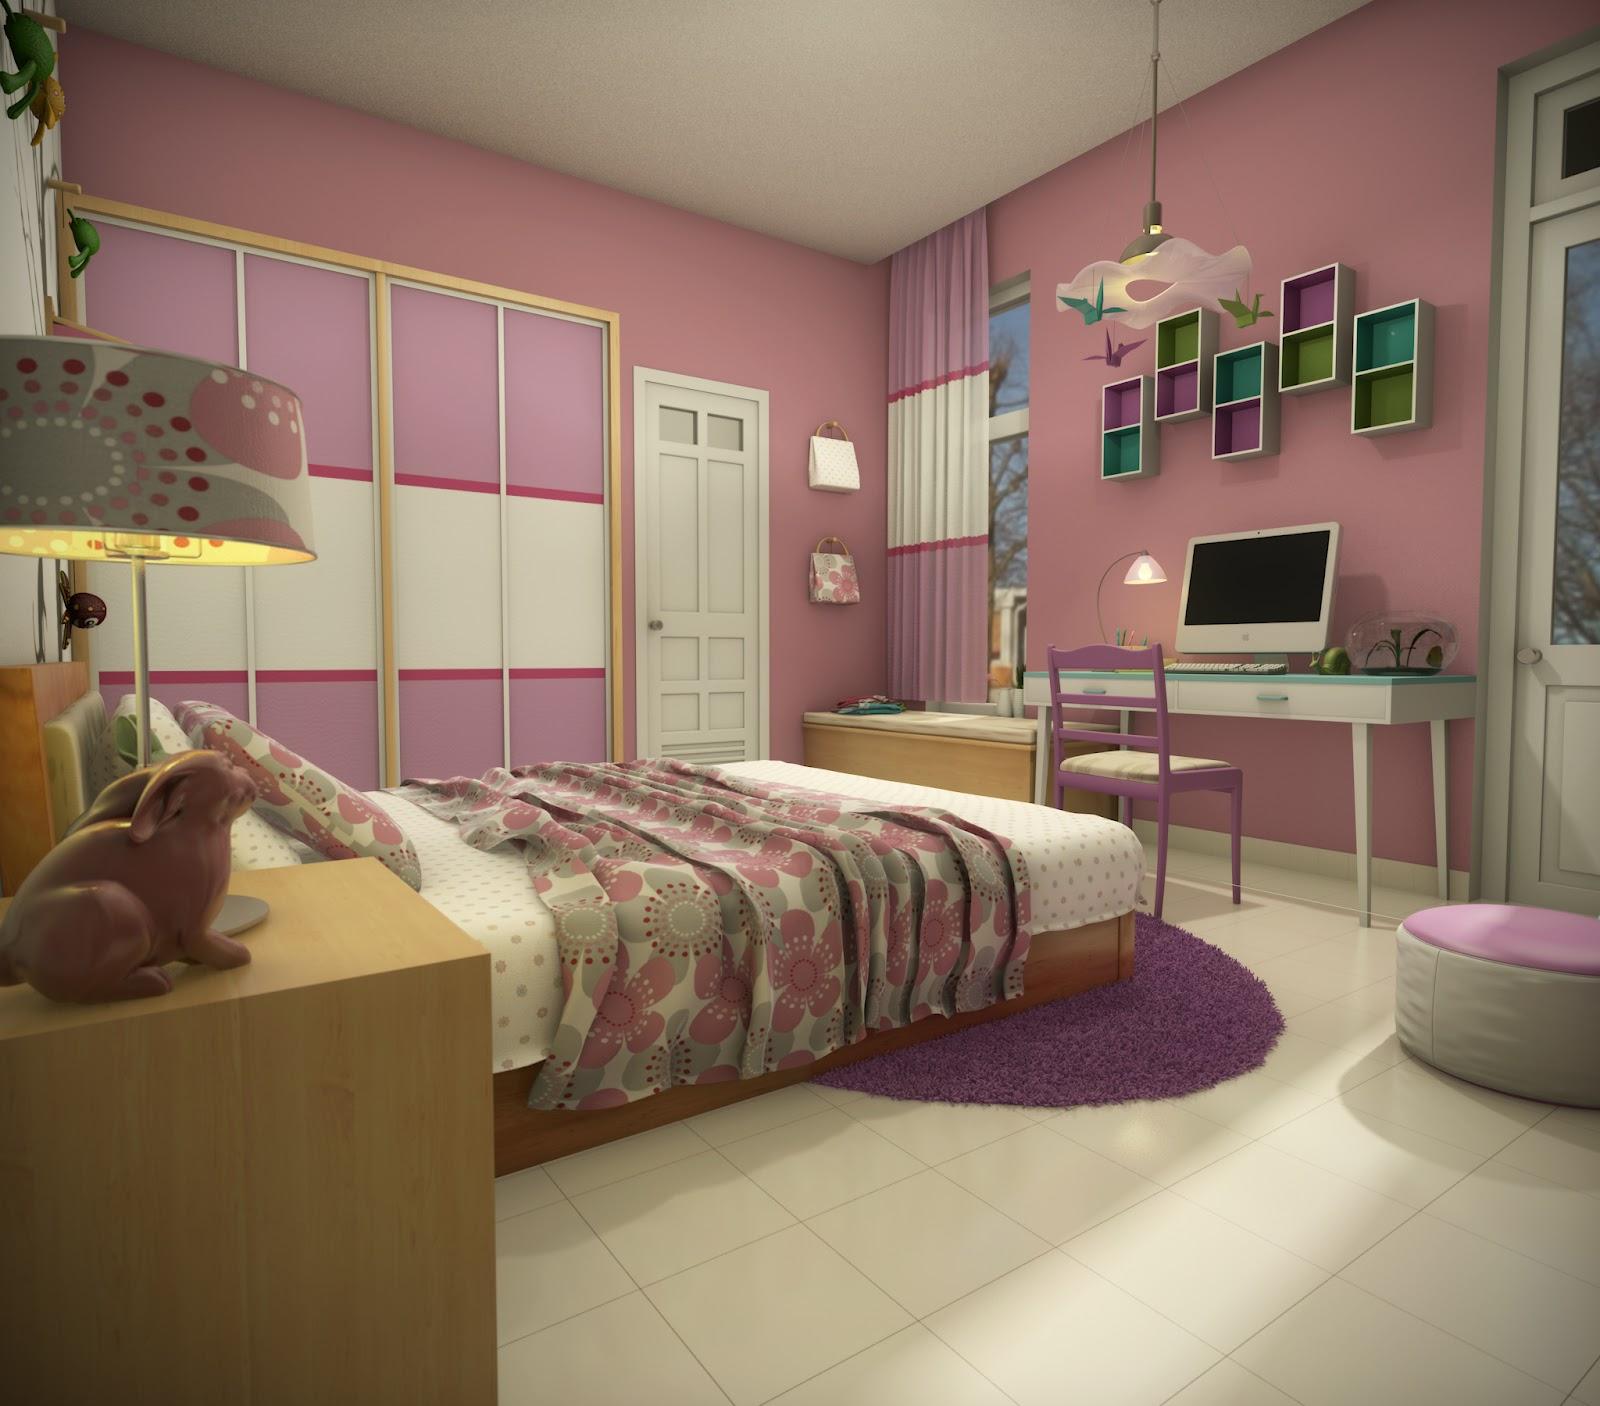 12-year-old girl\u0027s room & Khoi\u0027s blog: 12-year-old girl\u0027s room